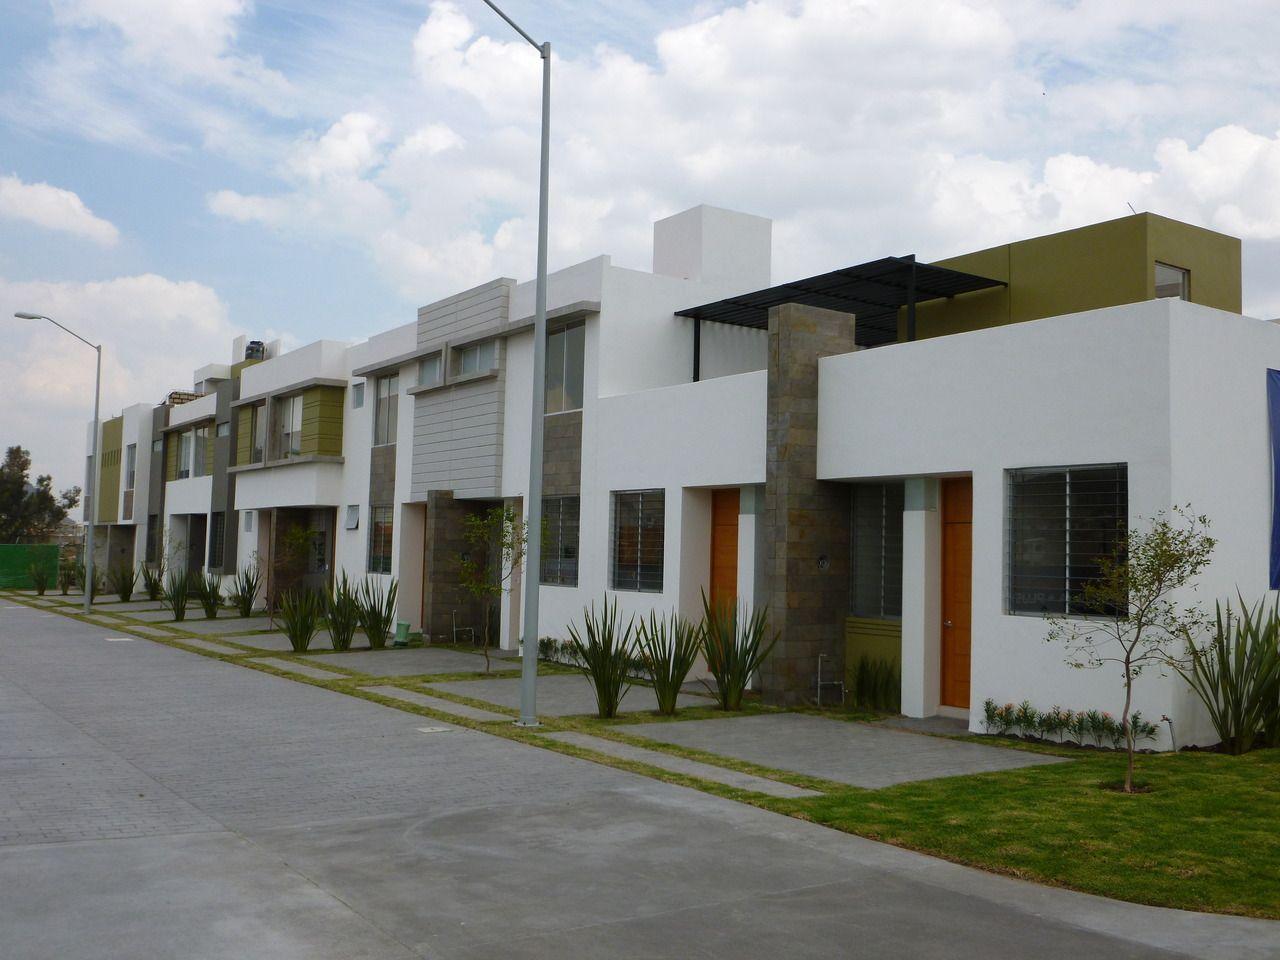 Fraccionamiento citala ciudad jard n zapopan jalisco for Casa vivienda jardin pdf